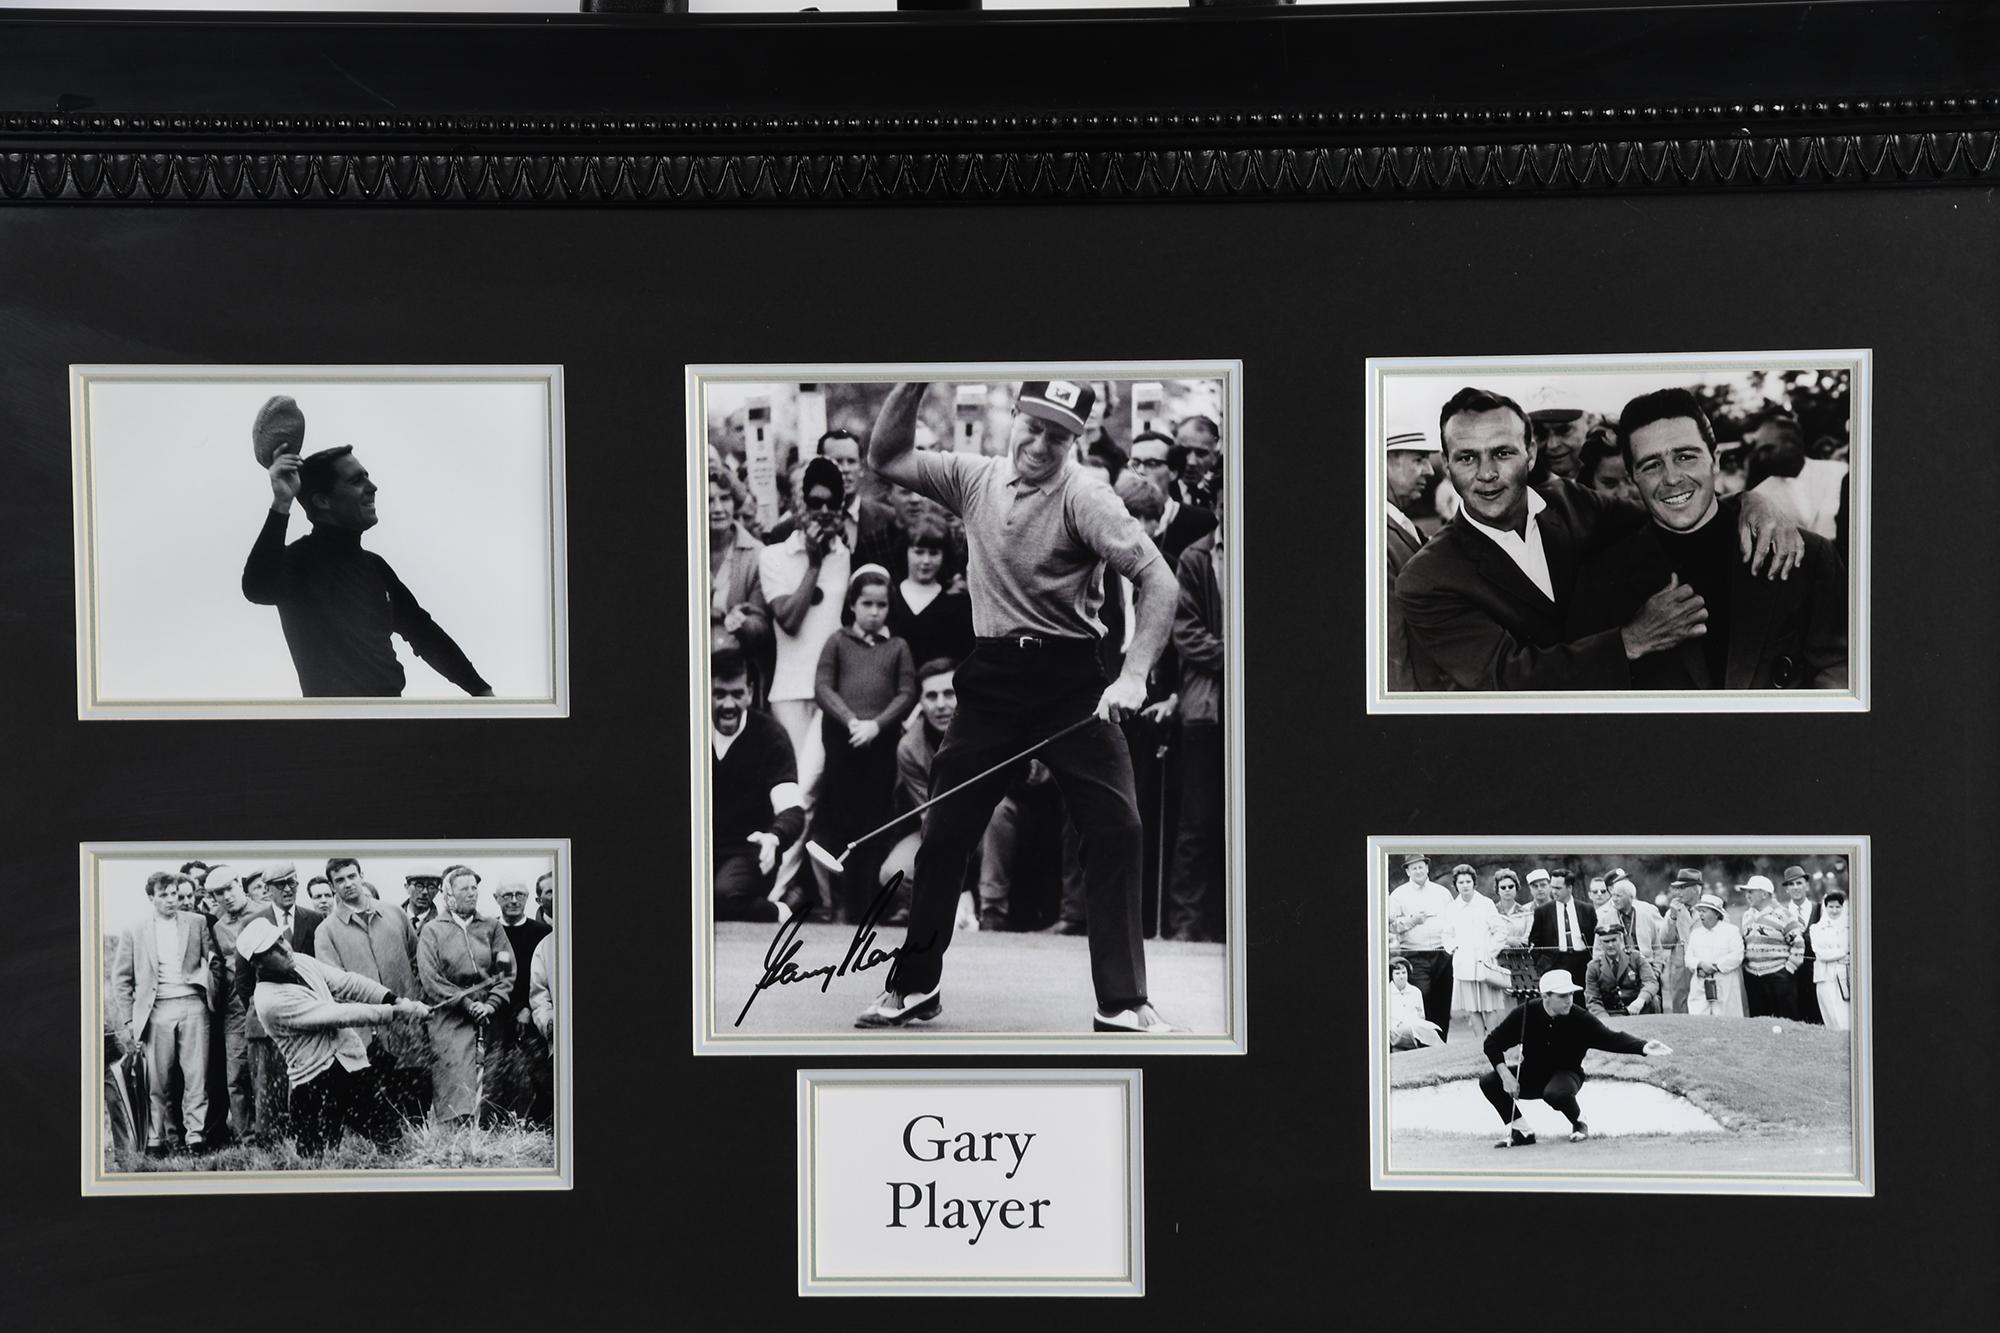 Gary Player Framed Memorabilia - Image 2 of 2